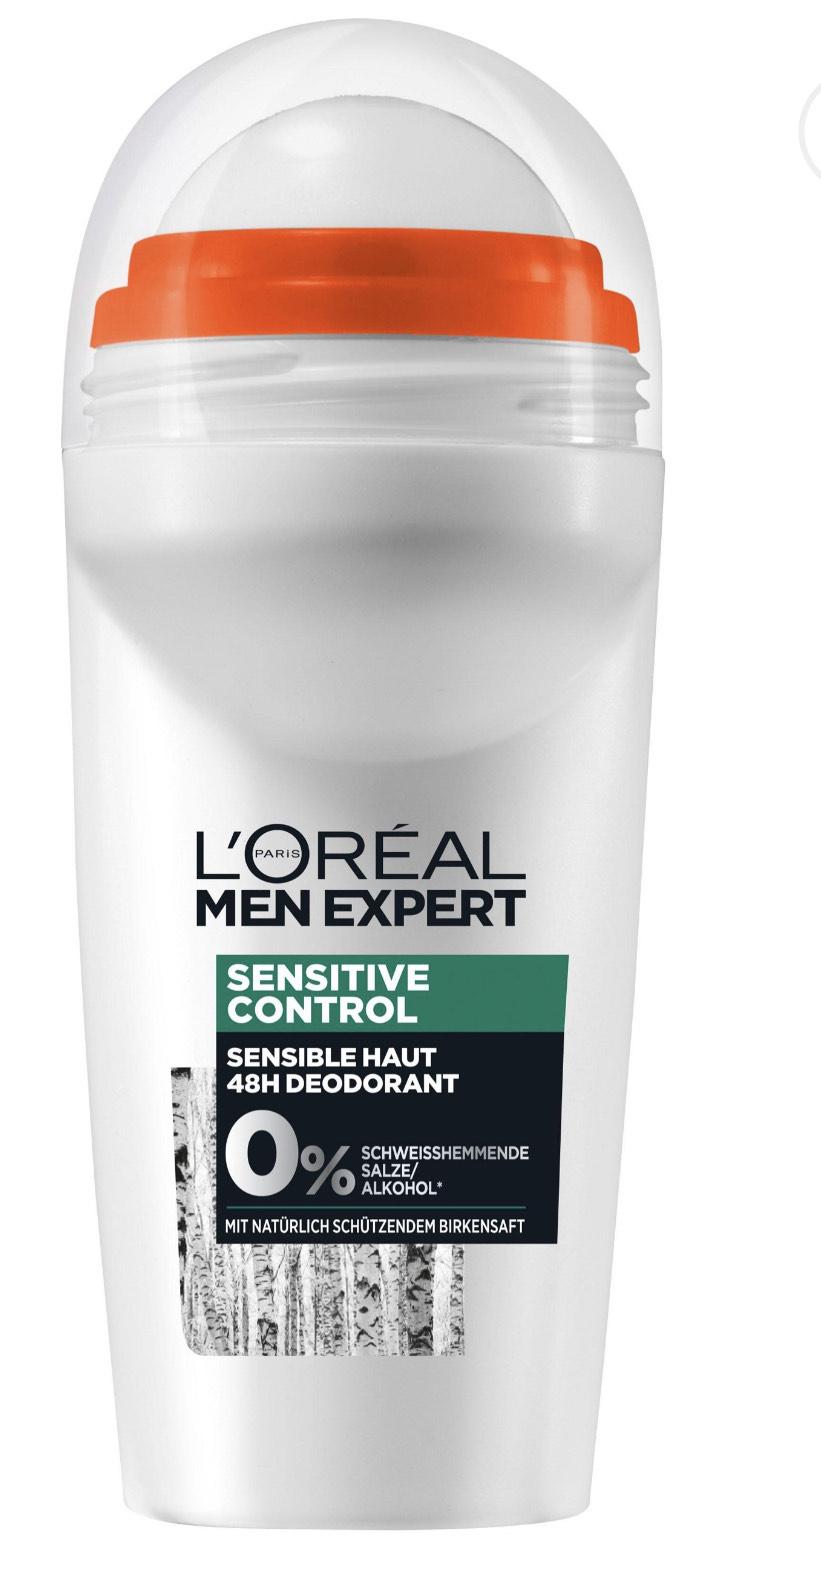 5x L'Oréal Men Expert Deodorant verschiedene Varianten